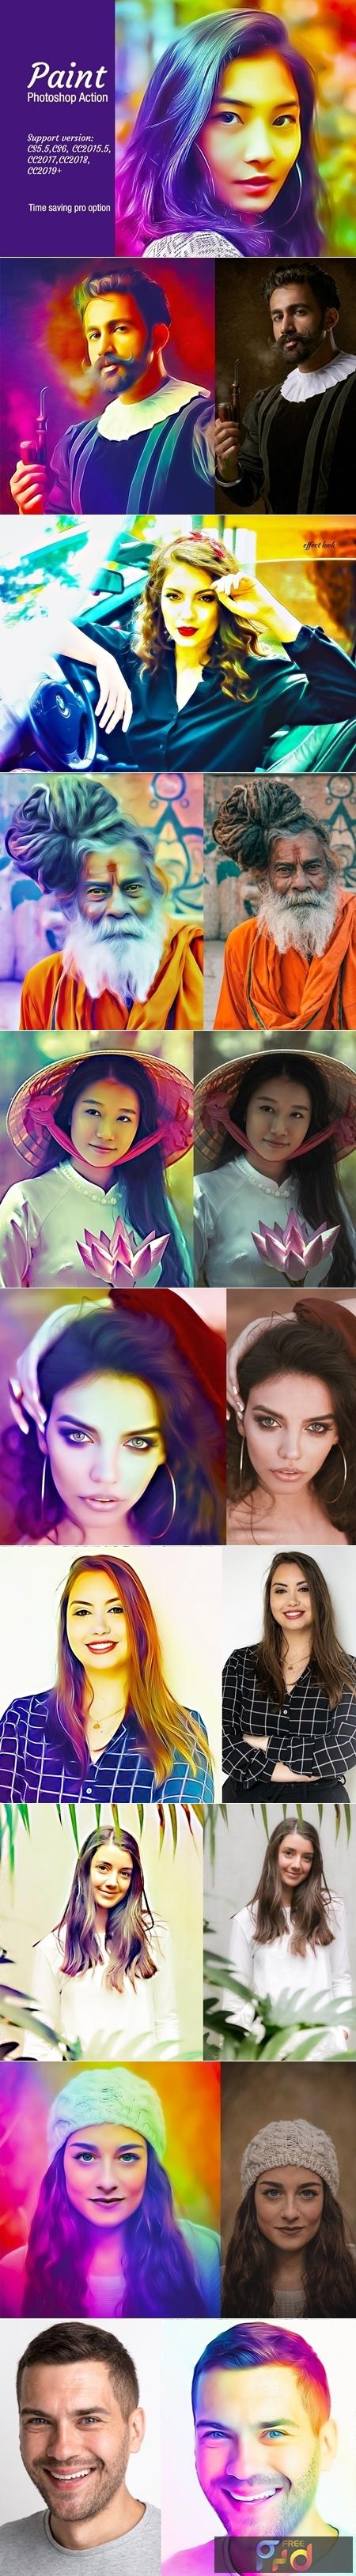 Paint Photoshop Action 4282854 1